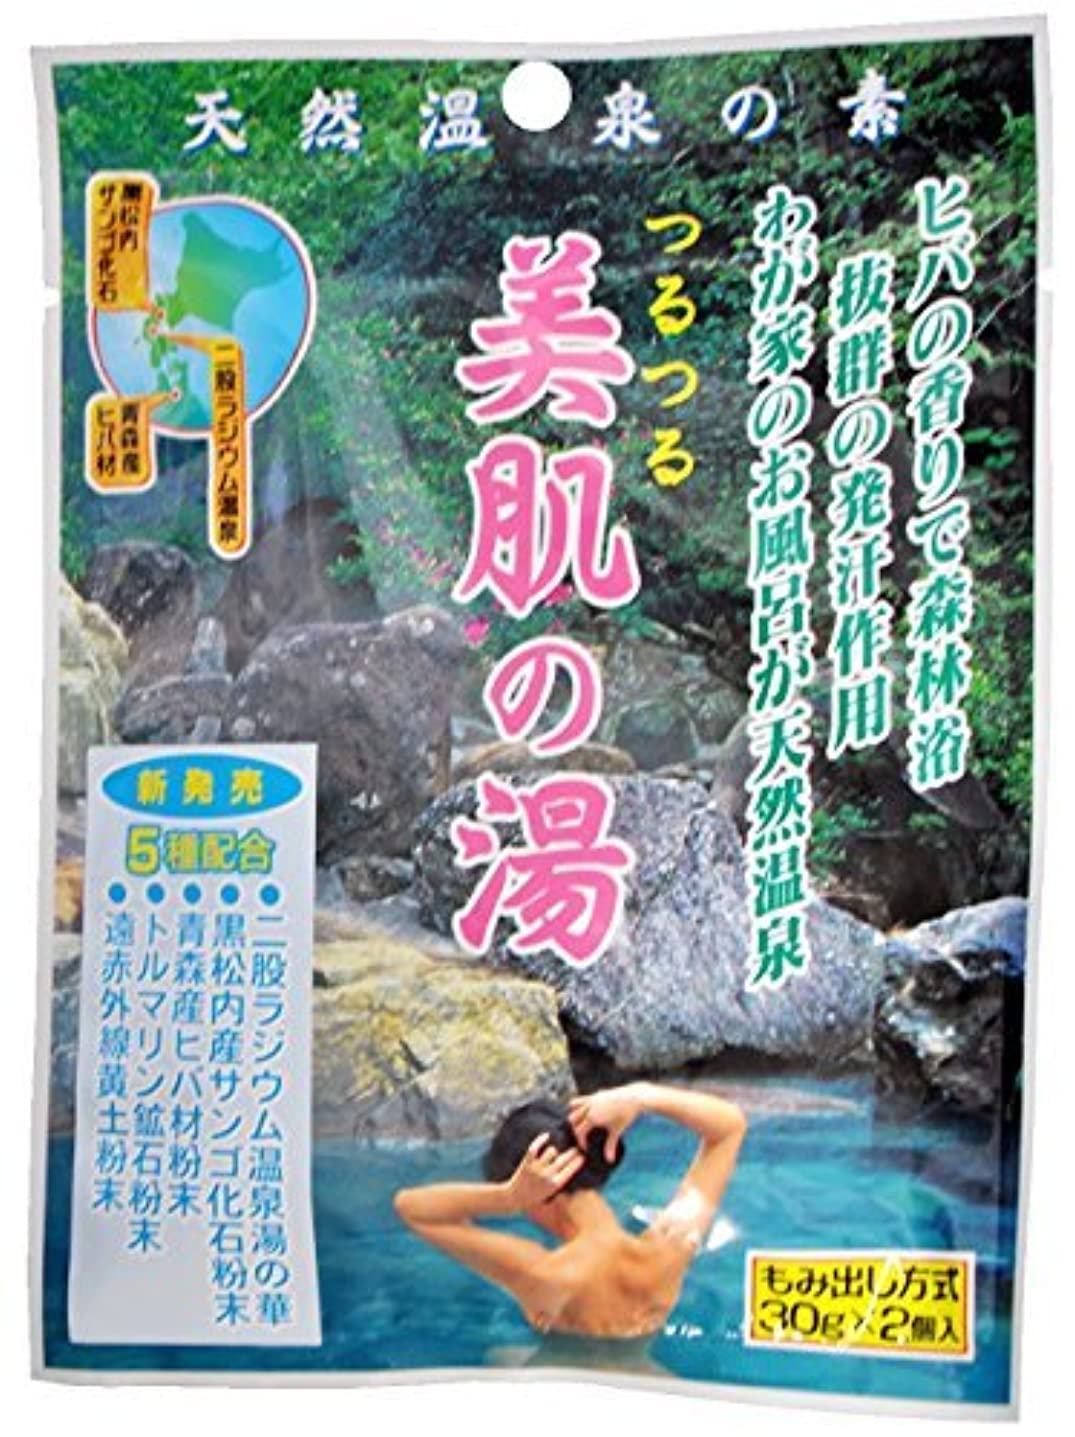 真夜中最近線【まとめ買い】天然成分入浴剤 つるつる 美肌の湯 2袋入 二股ラジウム温泉の湯の華 ×30個